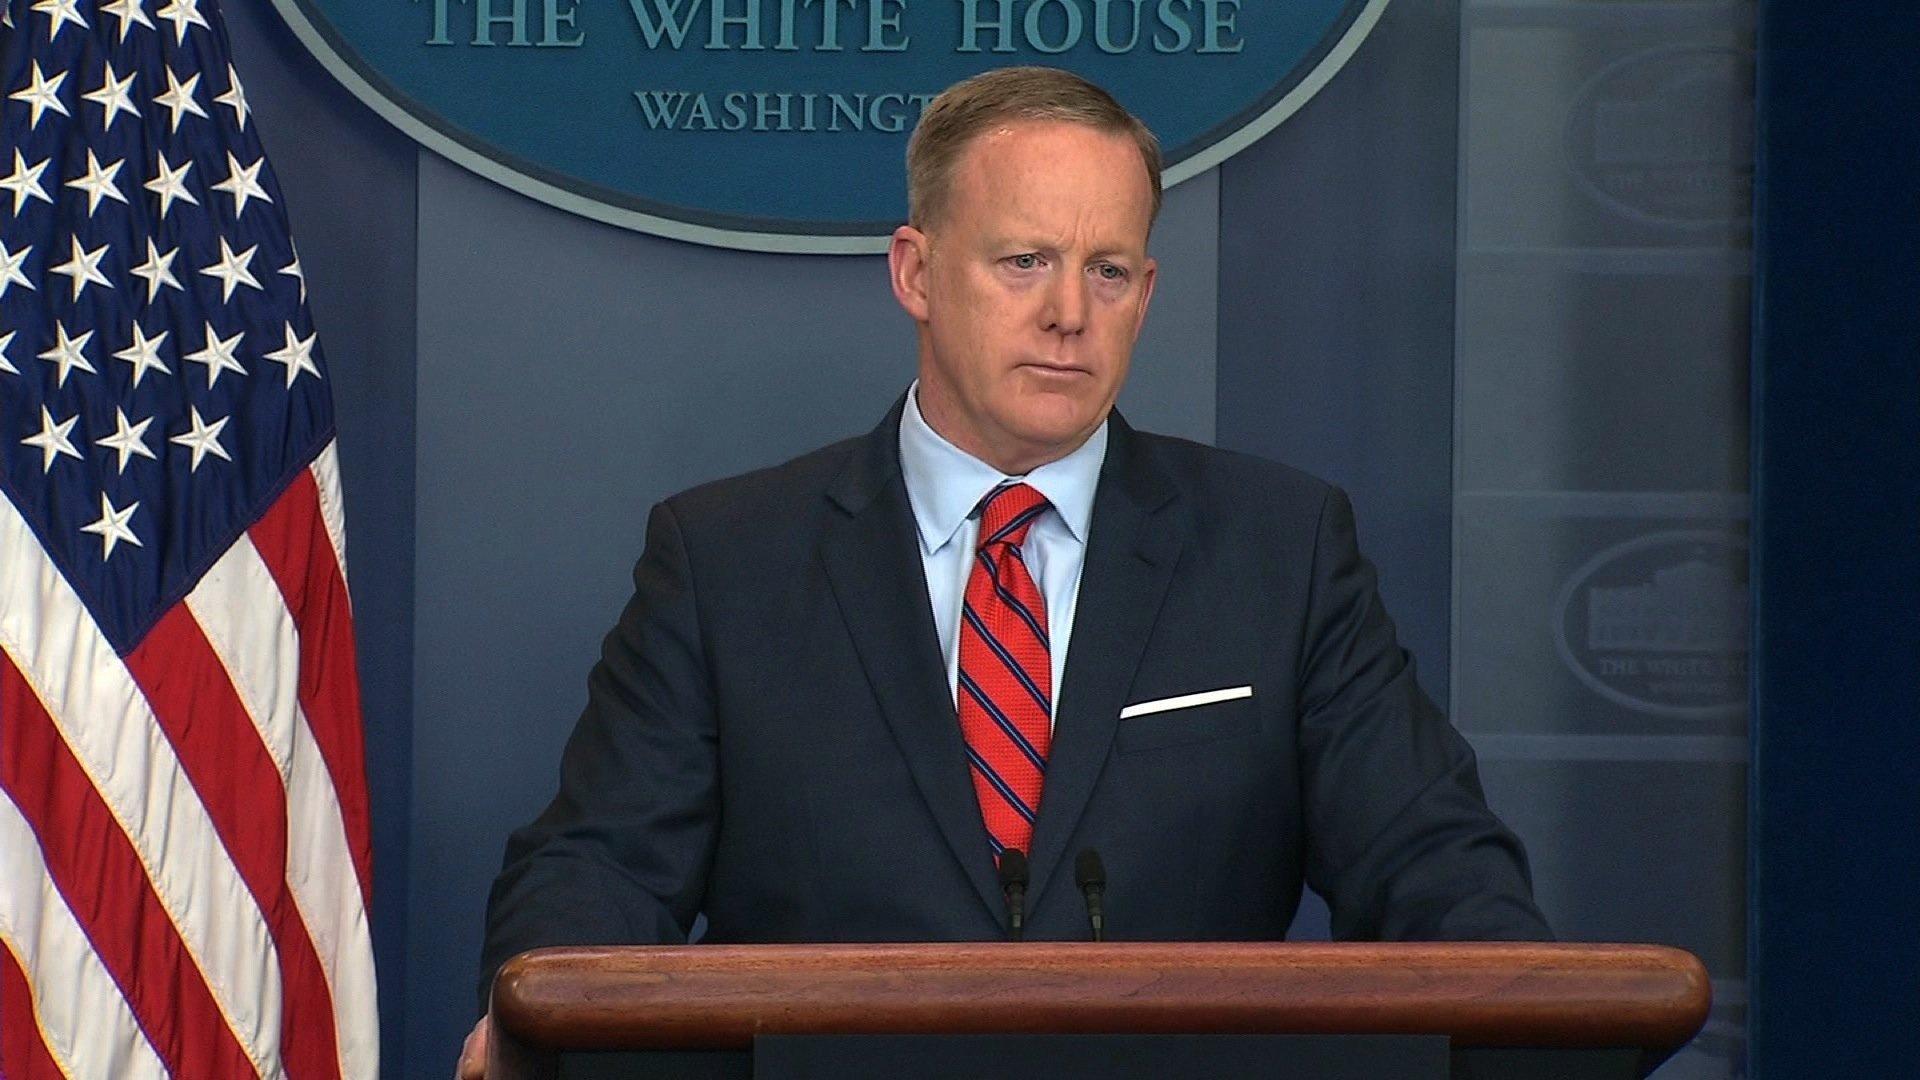 Spicer apologises for Hitler remarks